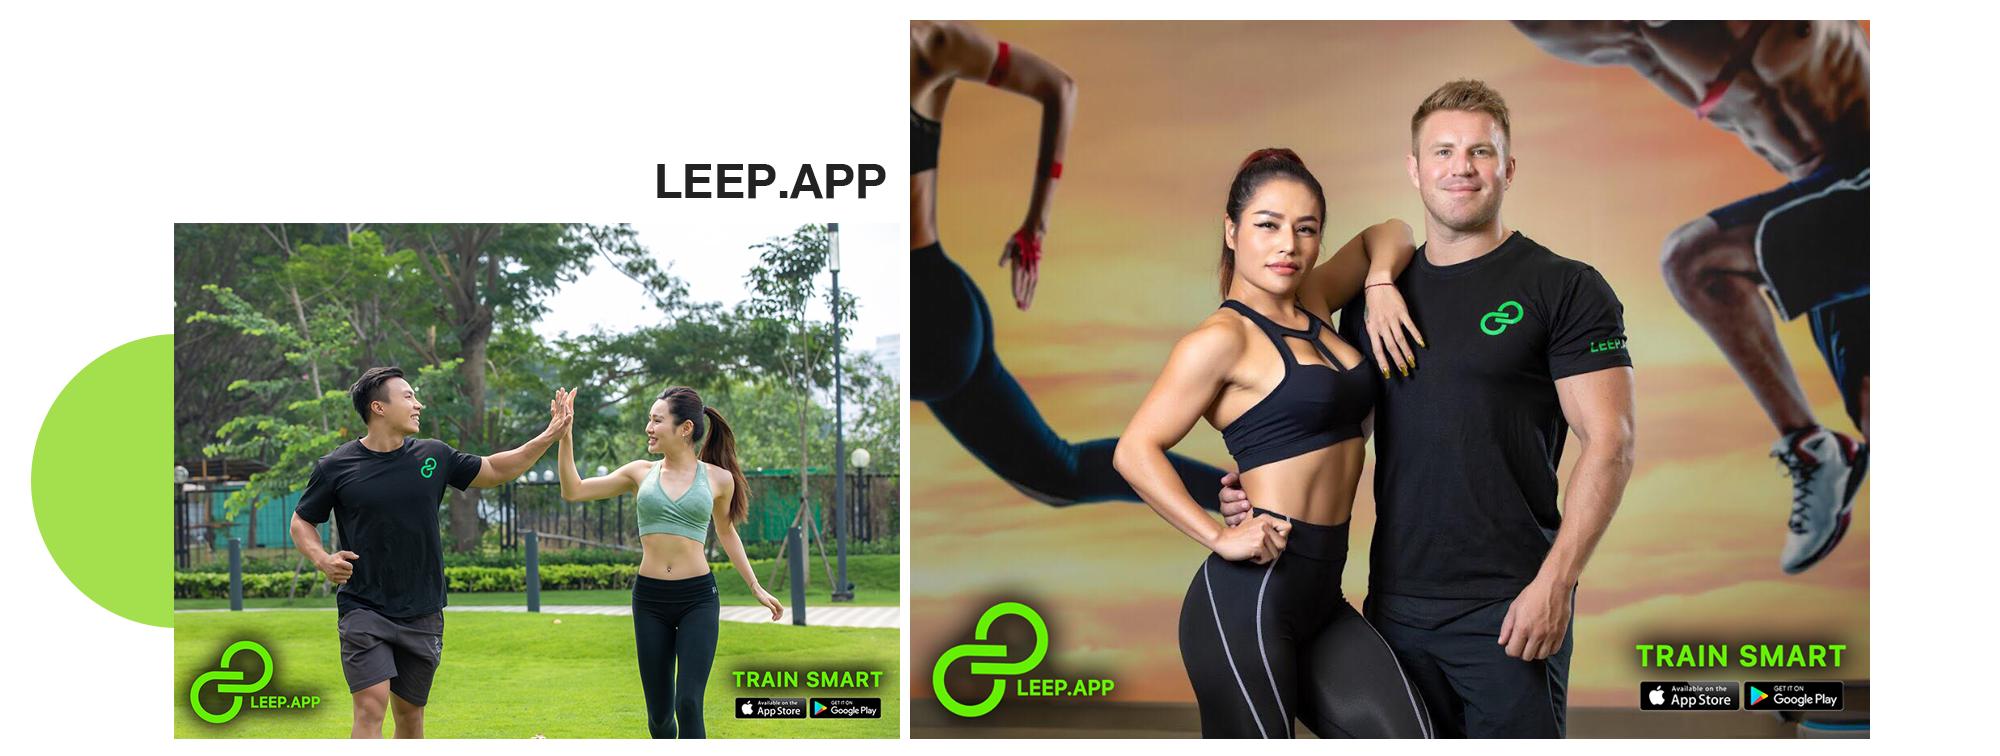 Chủ tịch CMG.ASIA Randy Dobson và cuộc tái sinh của người đi đầu ngành fitness: Tiên phong nền tảng LEEP App đem đến nguồn cảm hứng về cuộc sống tốt đẹp hơn - Ảnh 3.